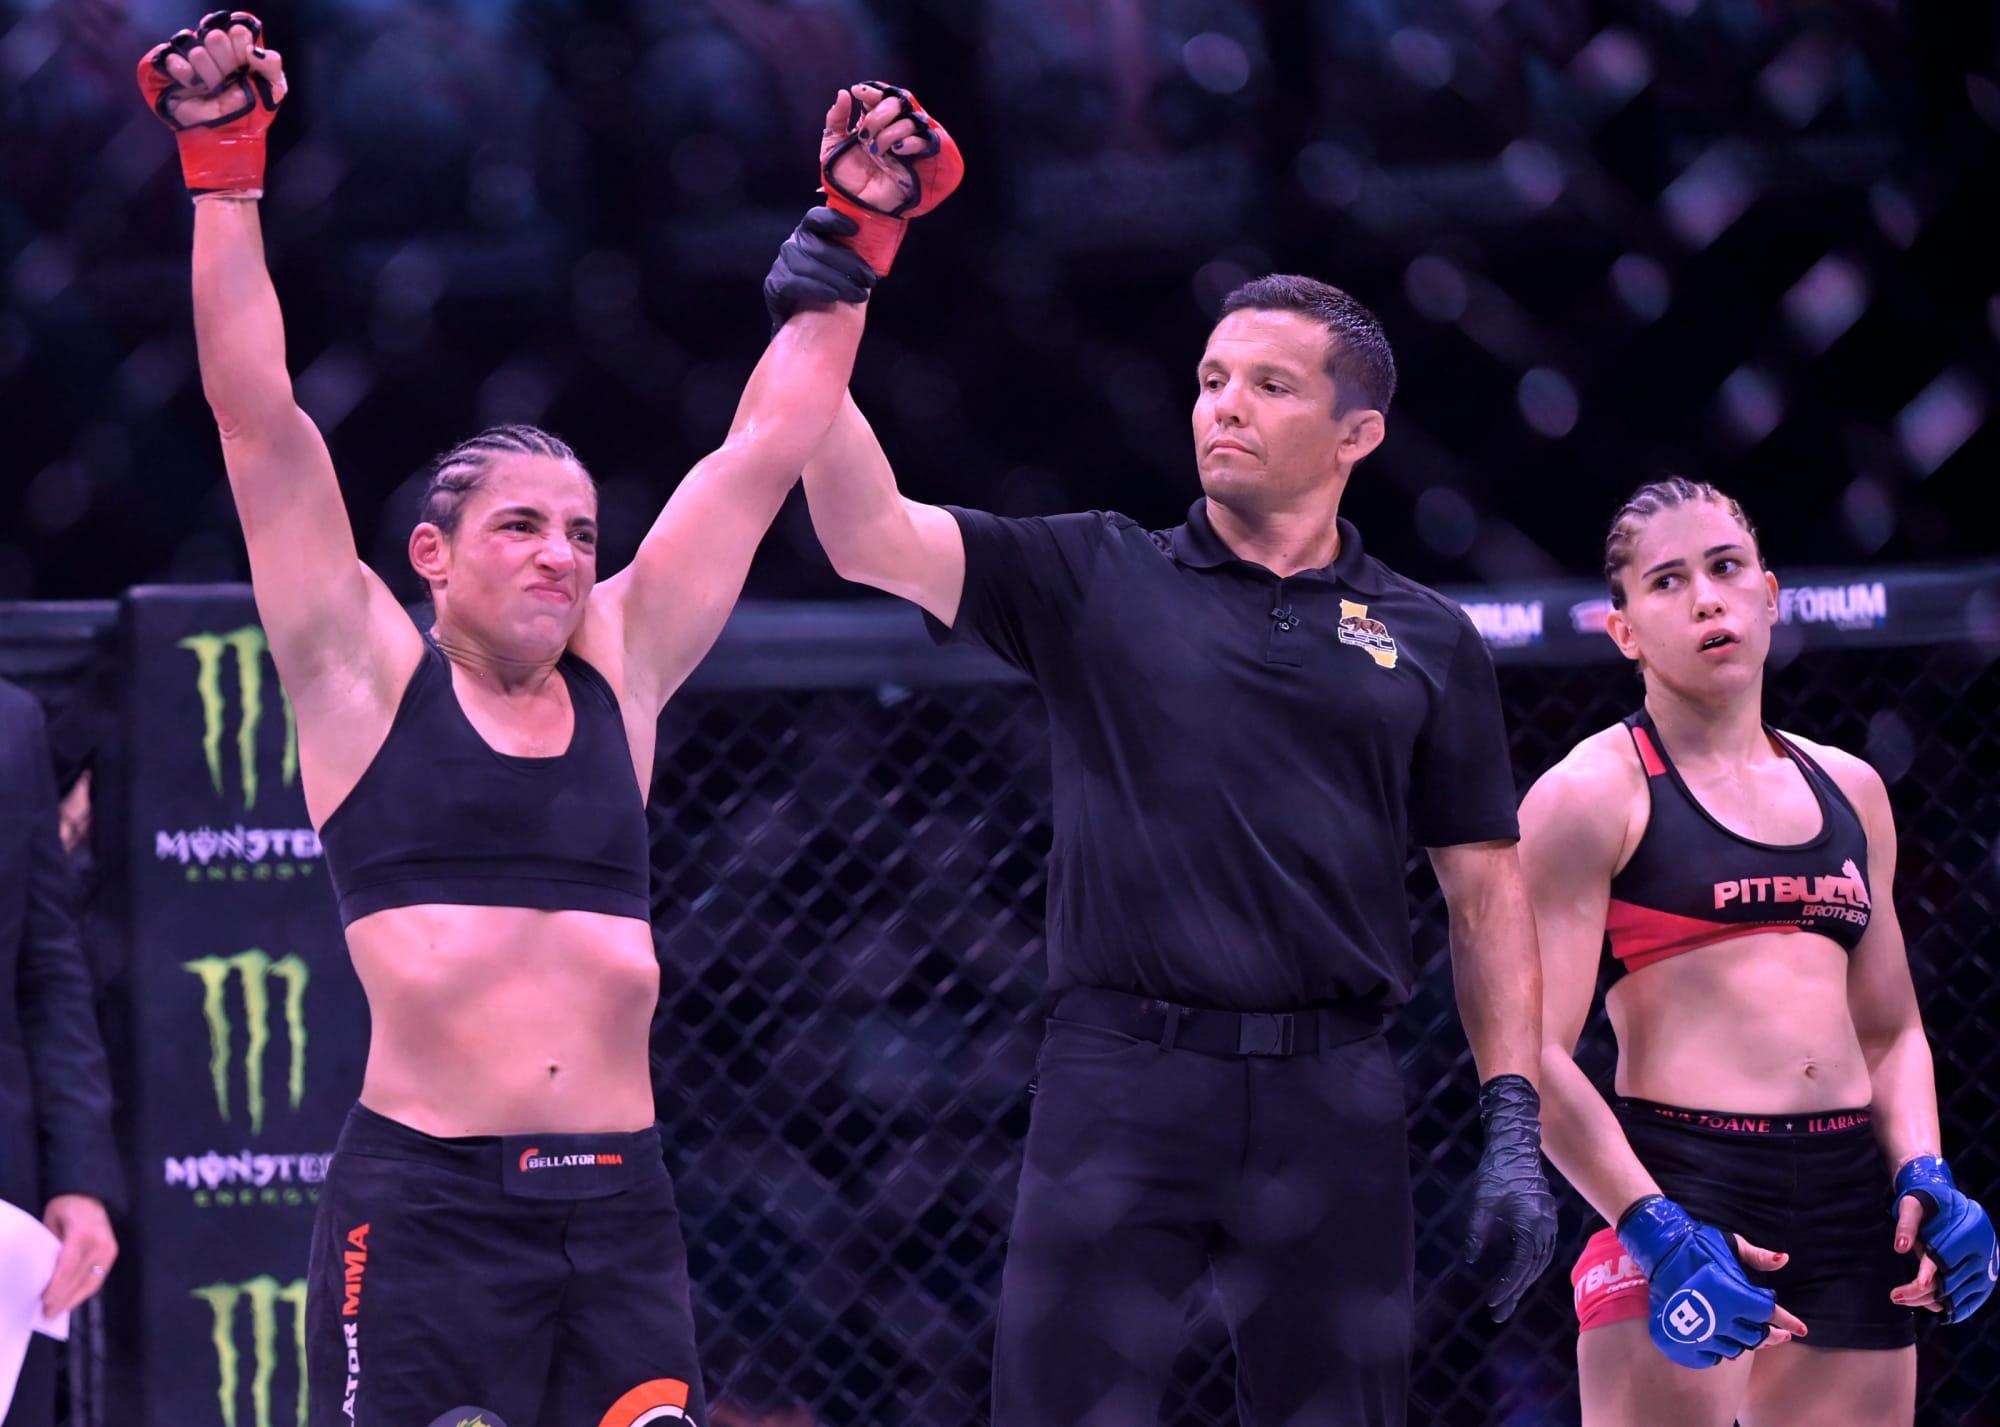 3 reglas en MMA que deben cambiarse